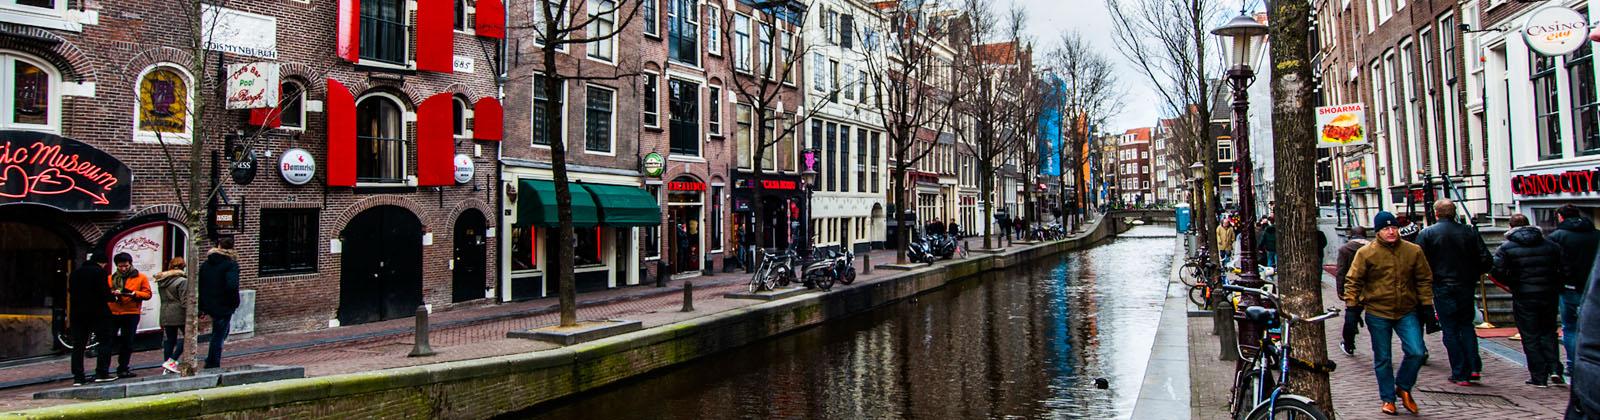 Private-tours-Amsterdam